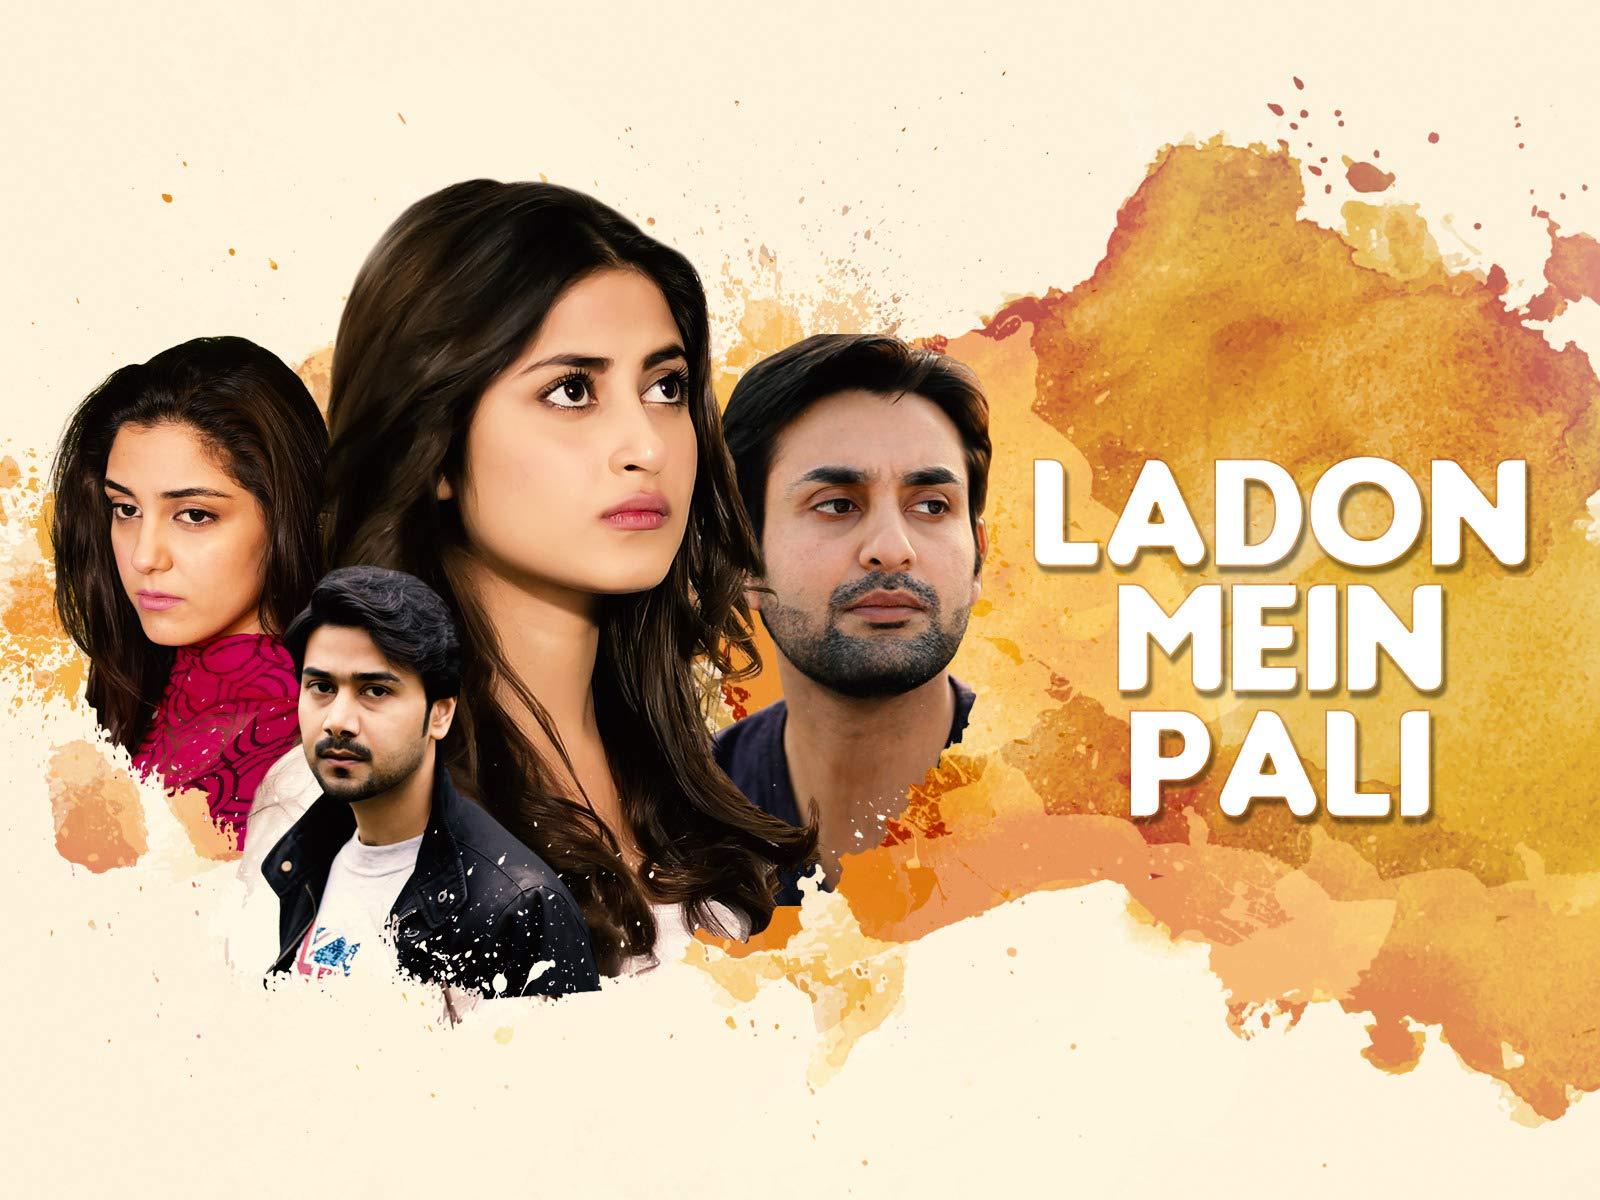 Ladon Mein Pali